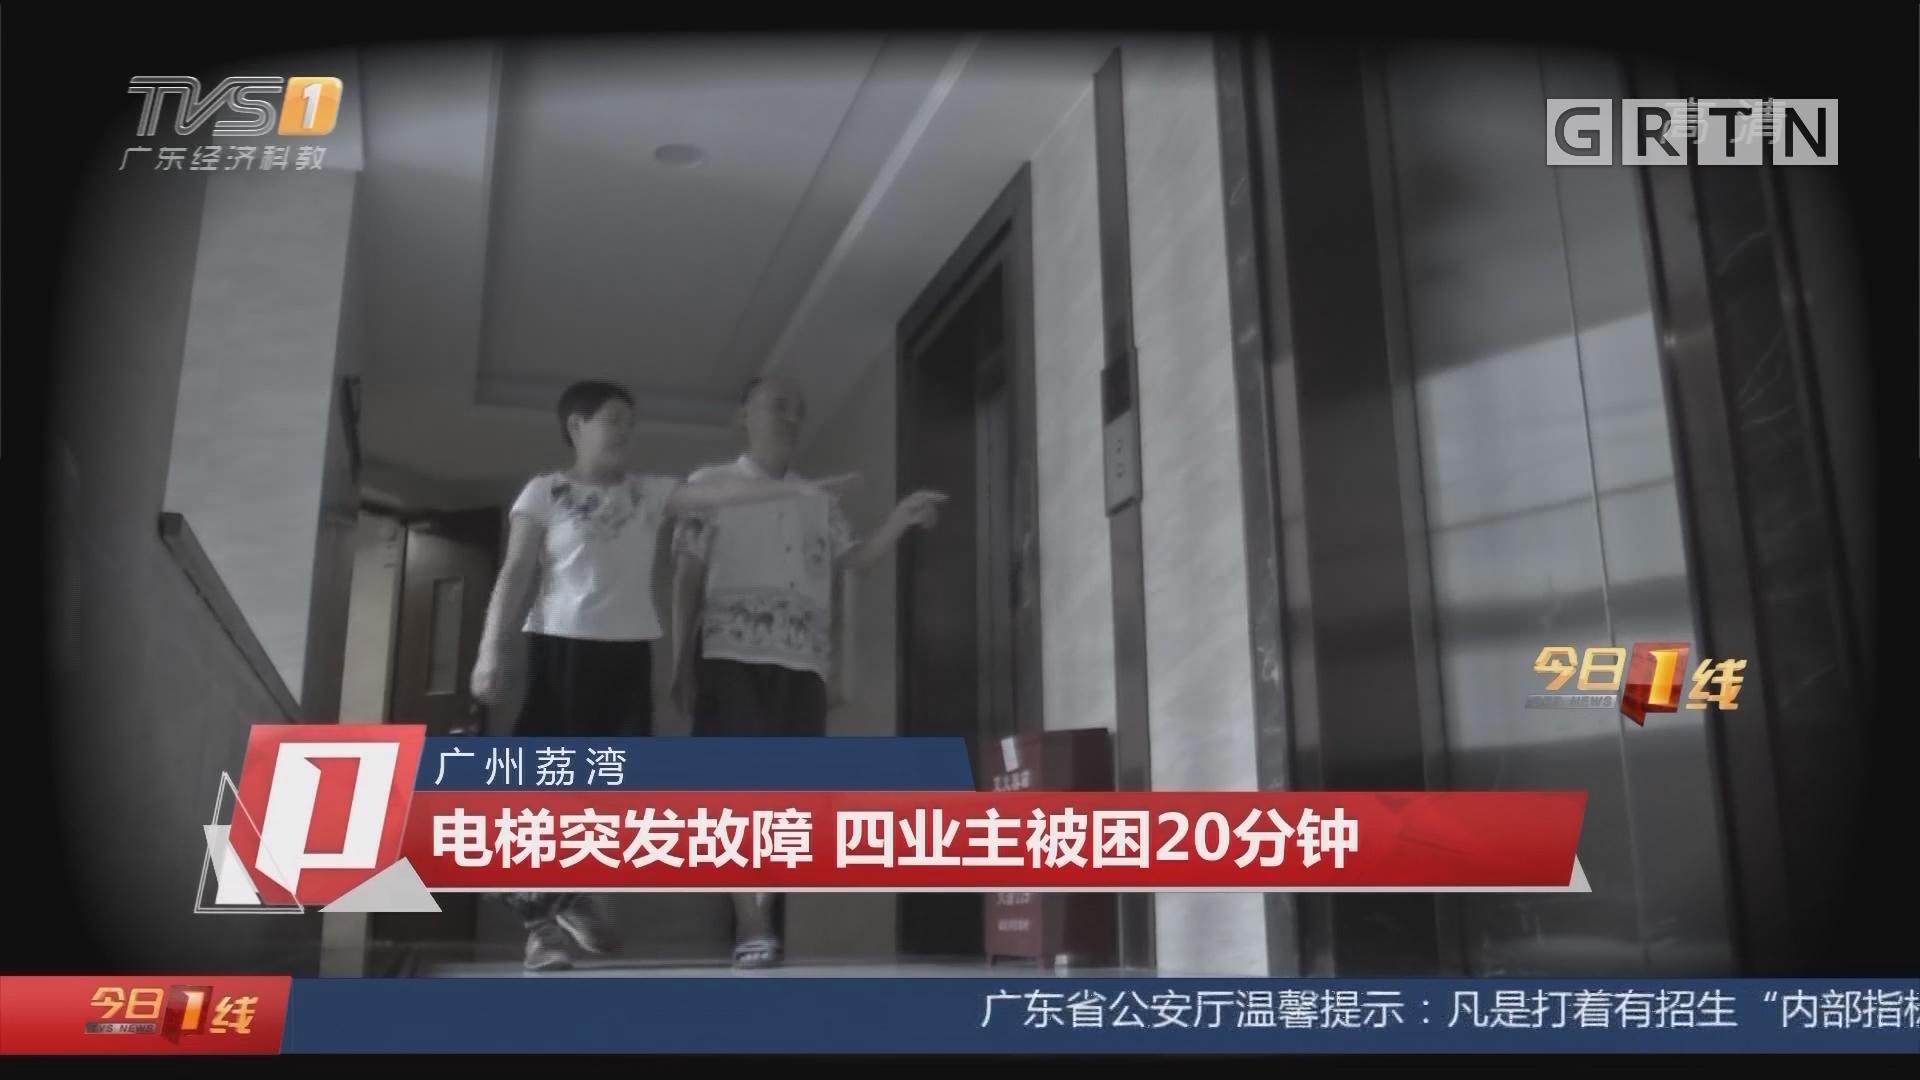 廣州荔灣:電梯突發故障 四業主被困20分鐘